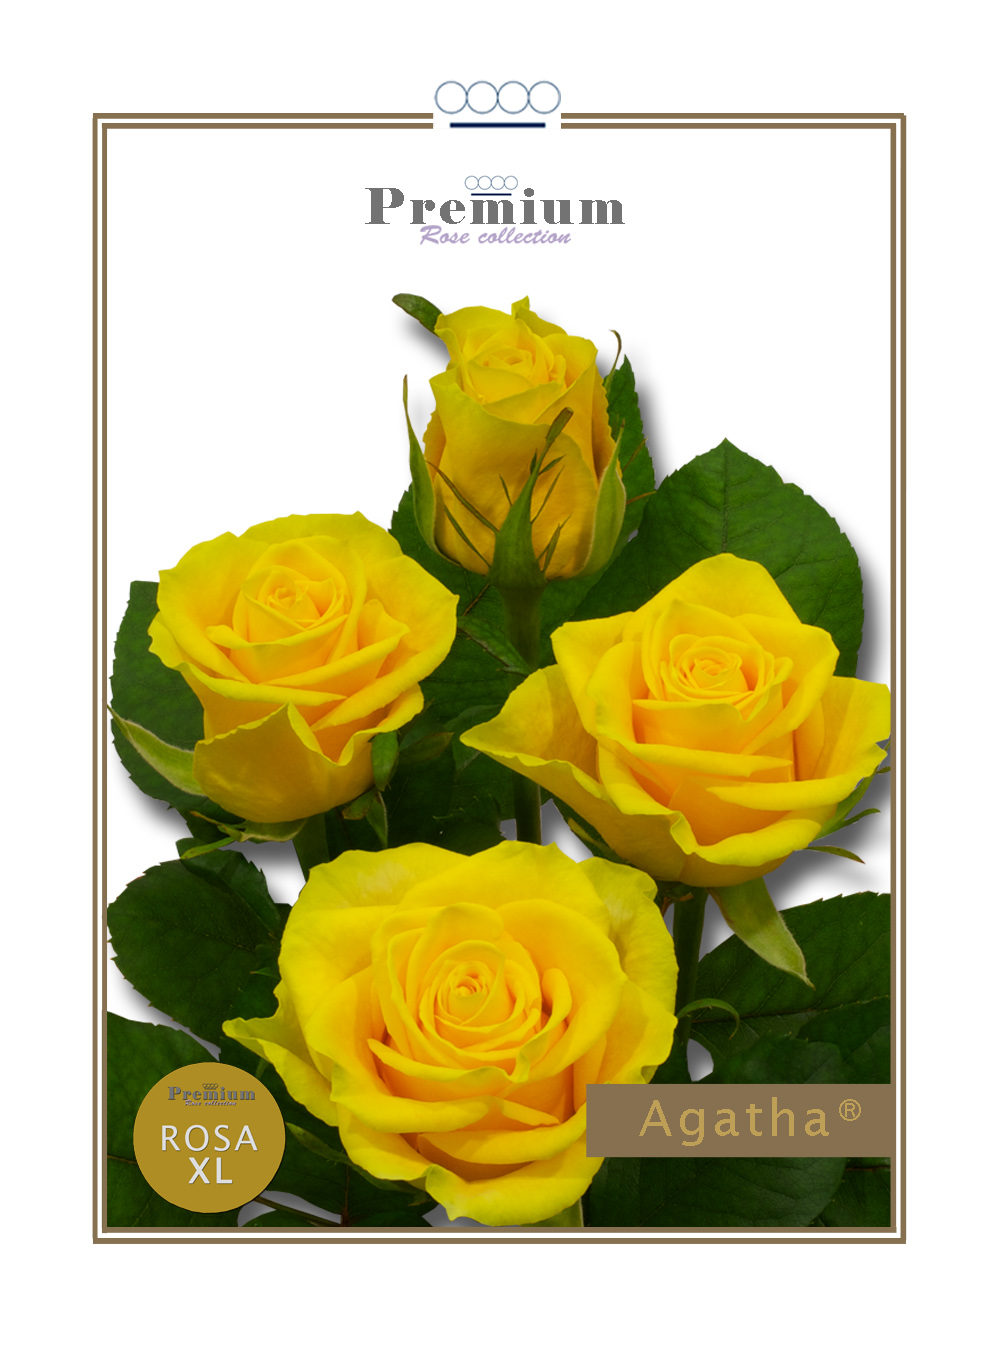 Agatha®